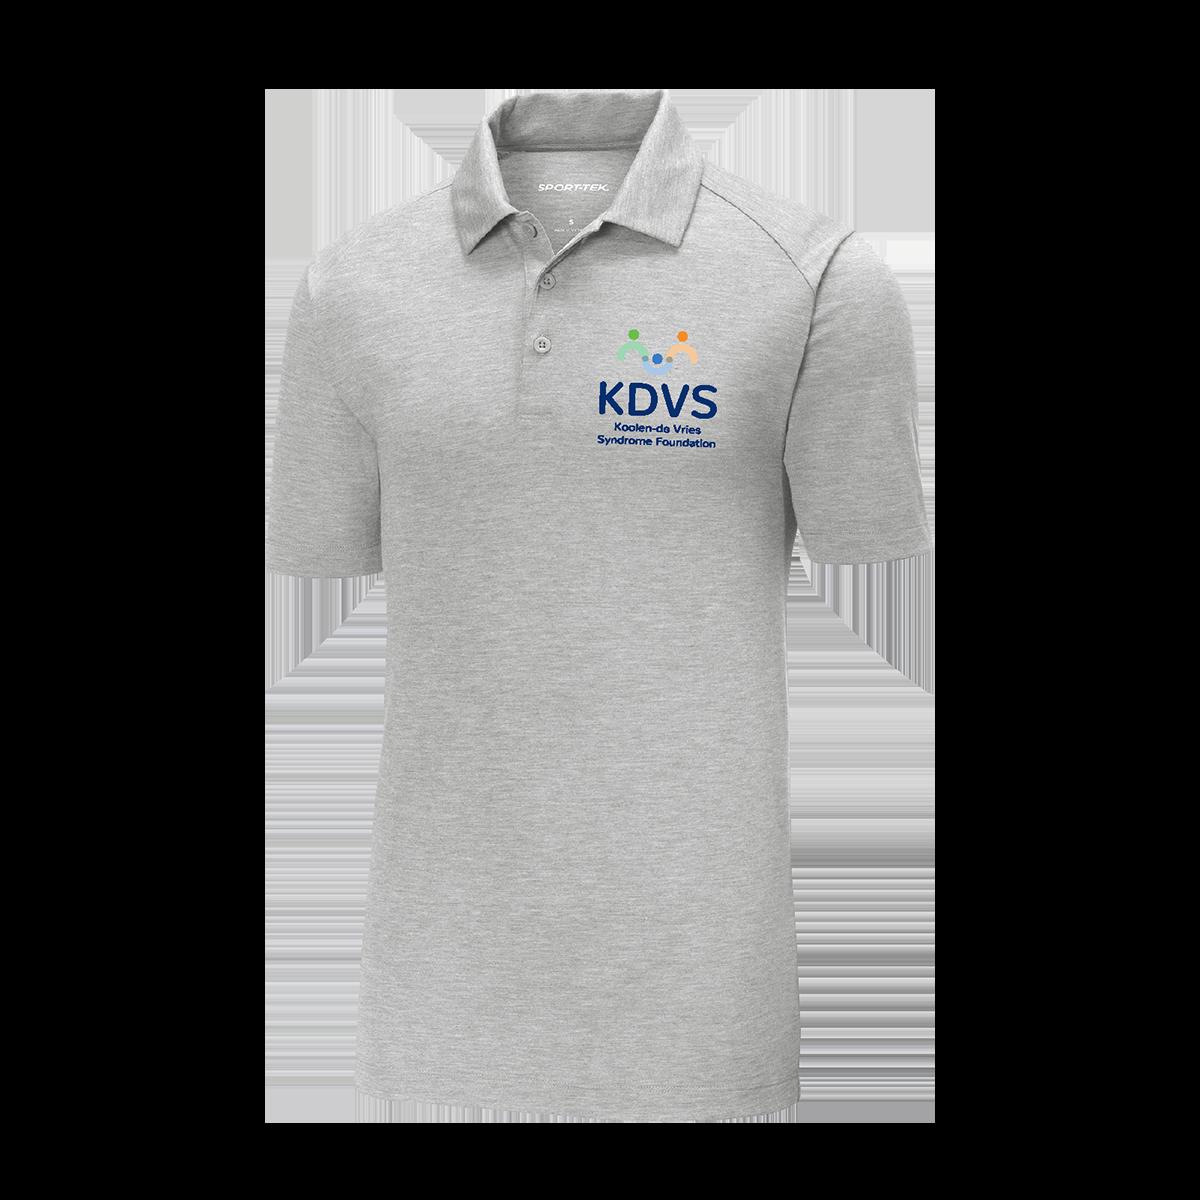 KDVS - Sport-Tek Tri-Blend Wicking Polo